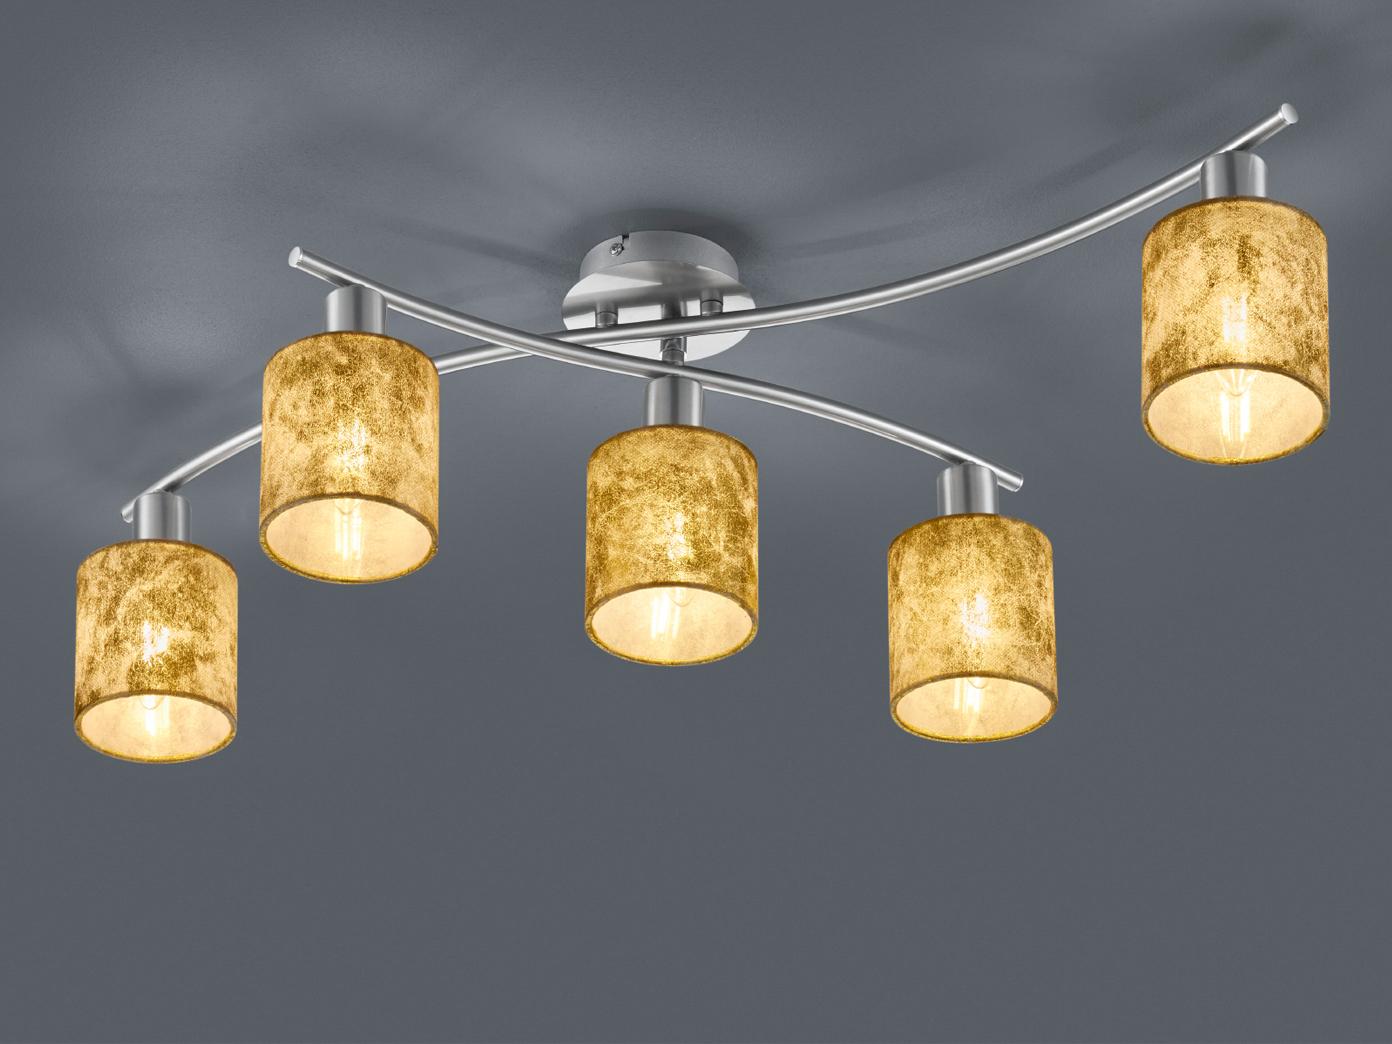 5 bruciatori LED Plafoniera Garda orientabile, sostanza schermi oro, illuminazione soffitto